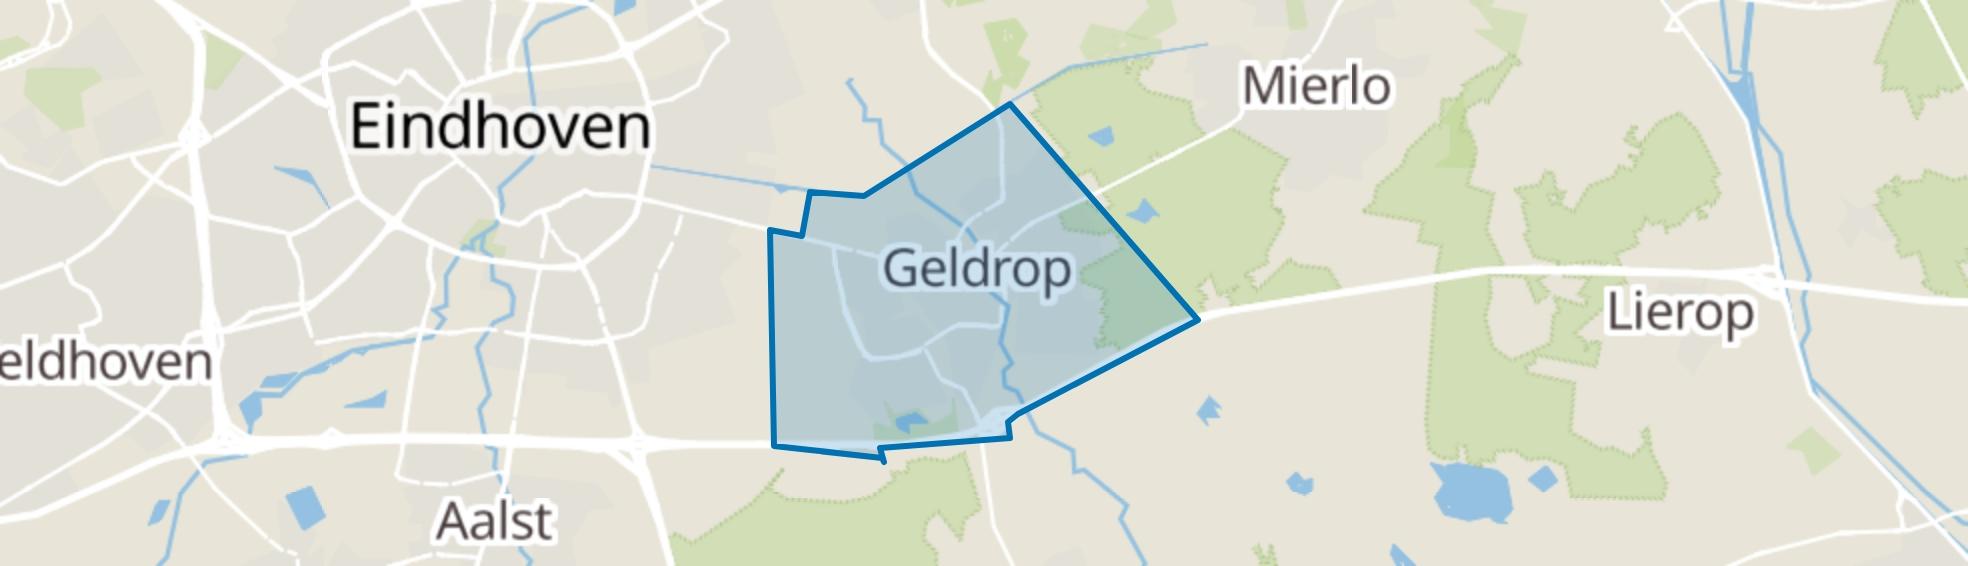 Geldrop map